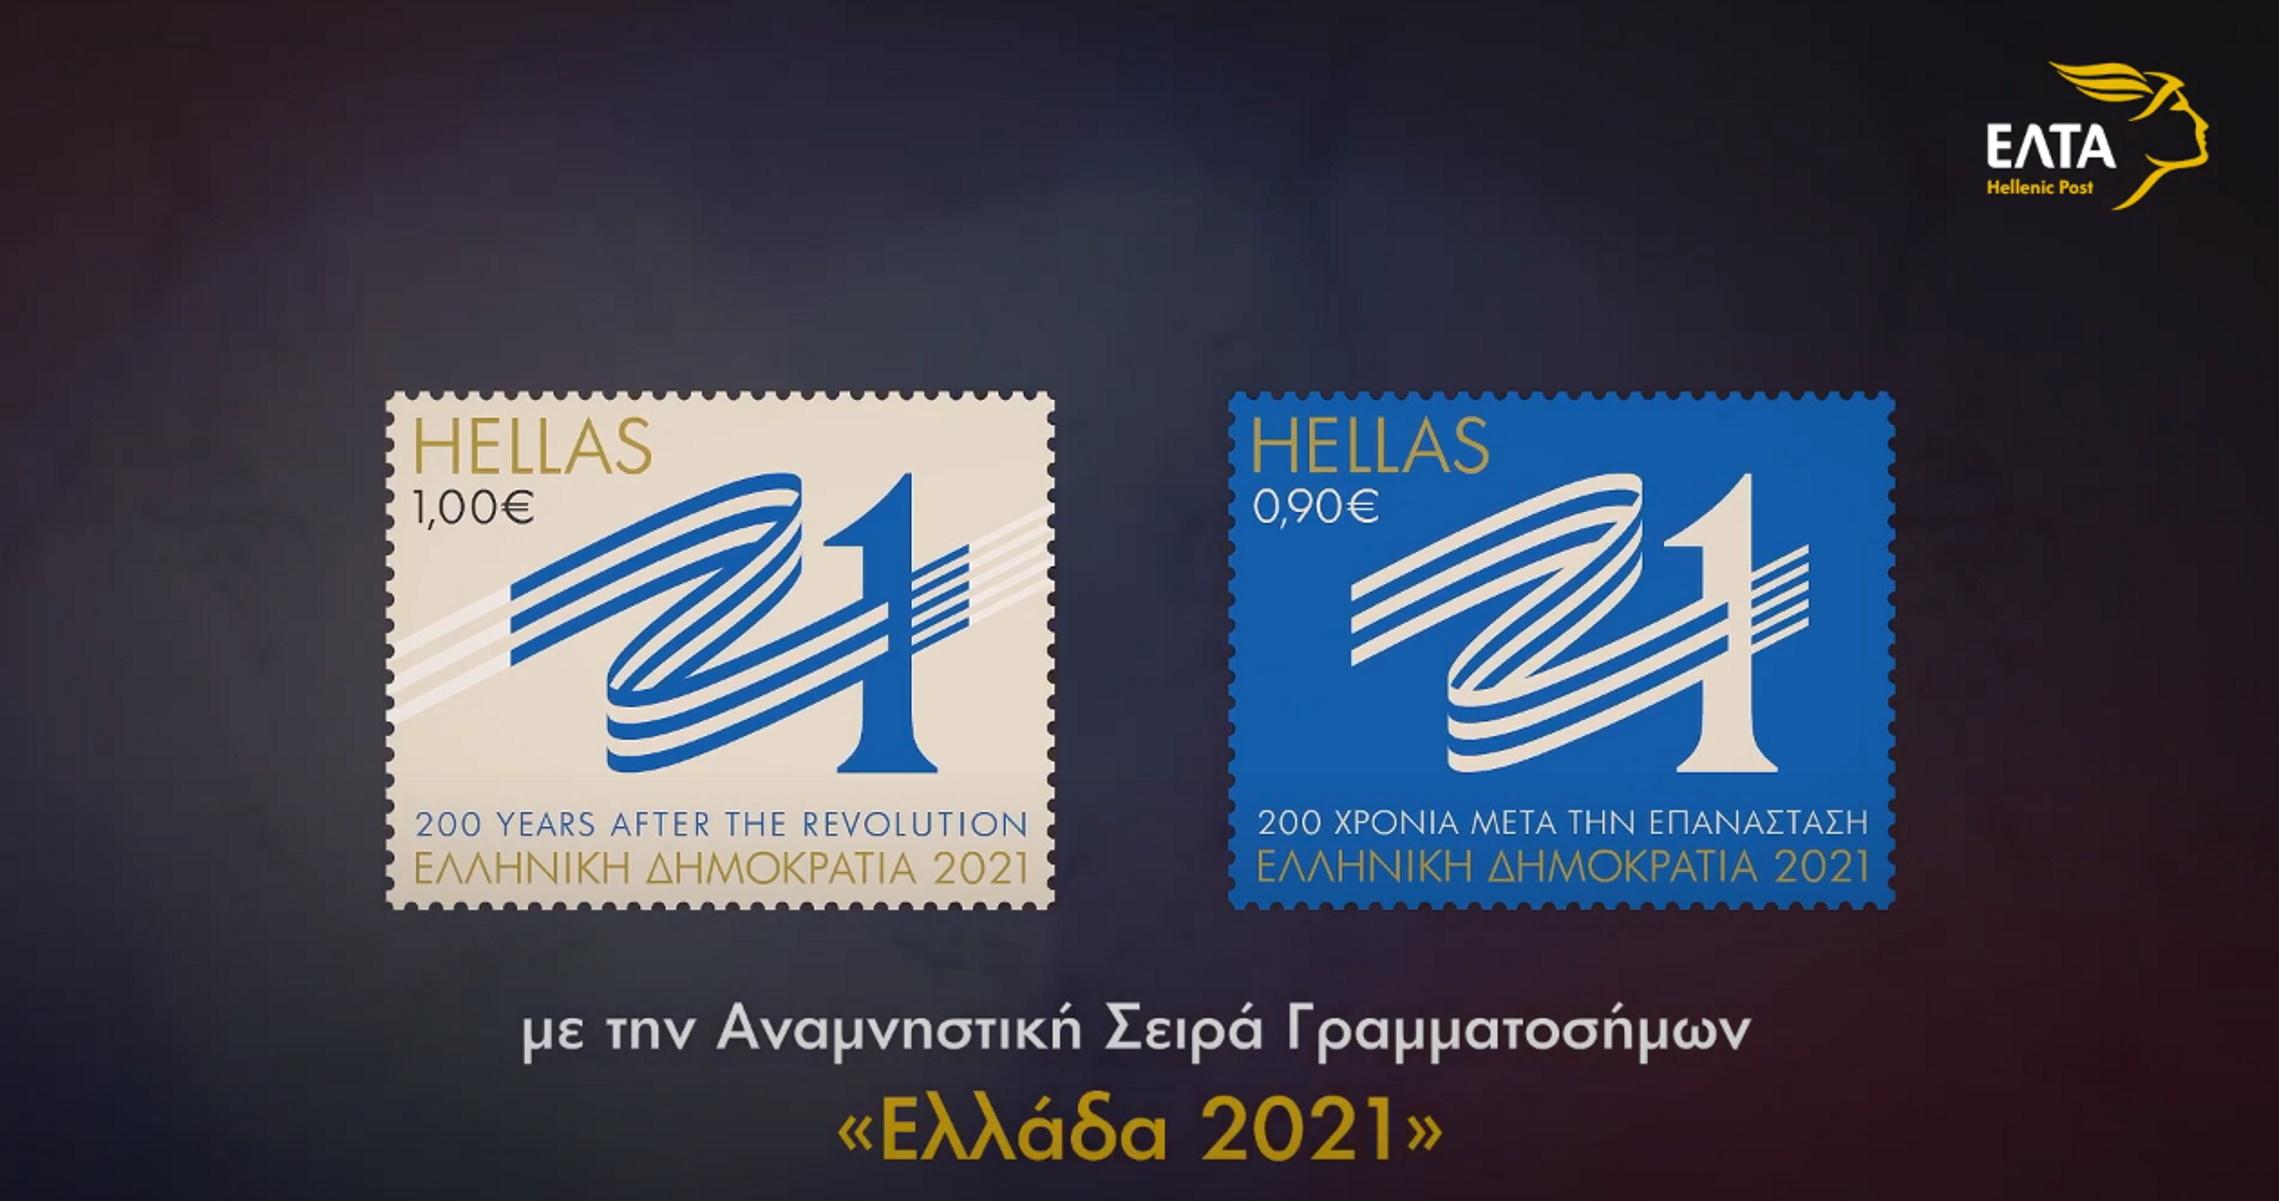 ΕΛΤΑ: Αφιερωμένα στα 200 χρόνια από την Επανάσταση τα πρώτα γραμματόσημα του 2021